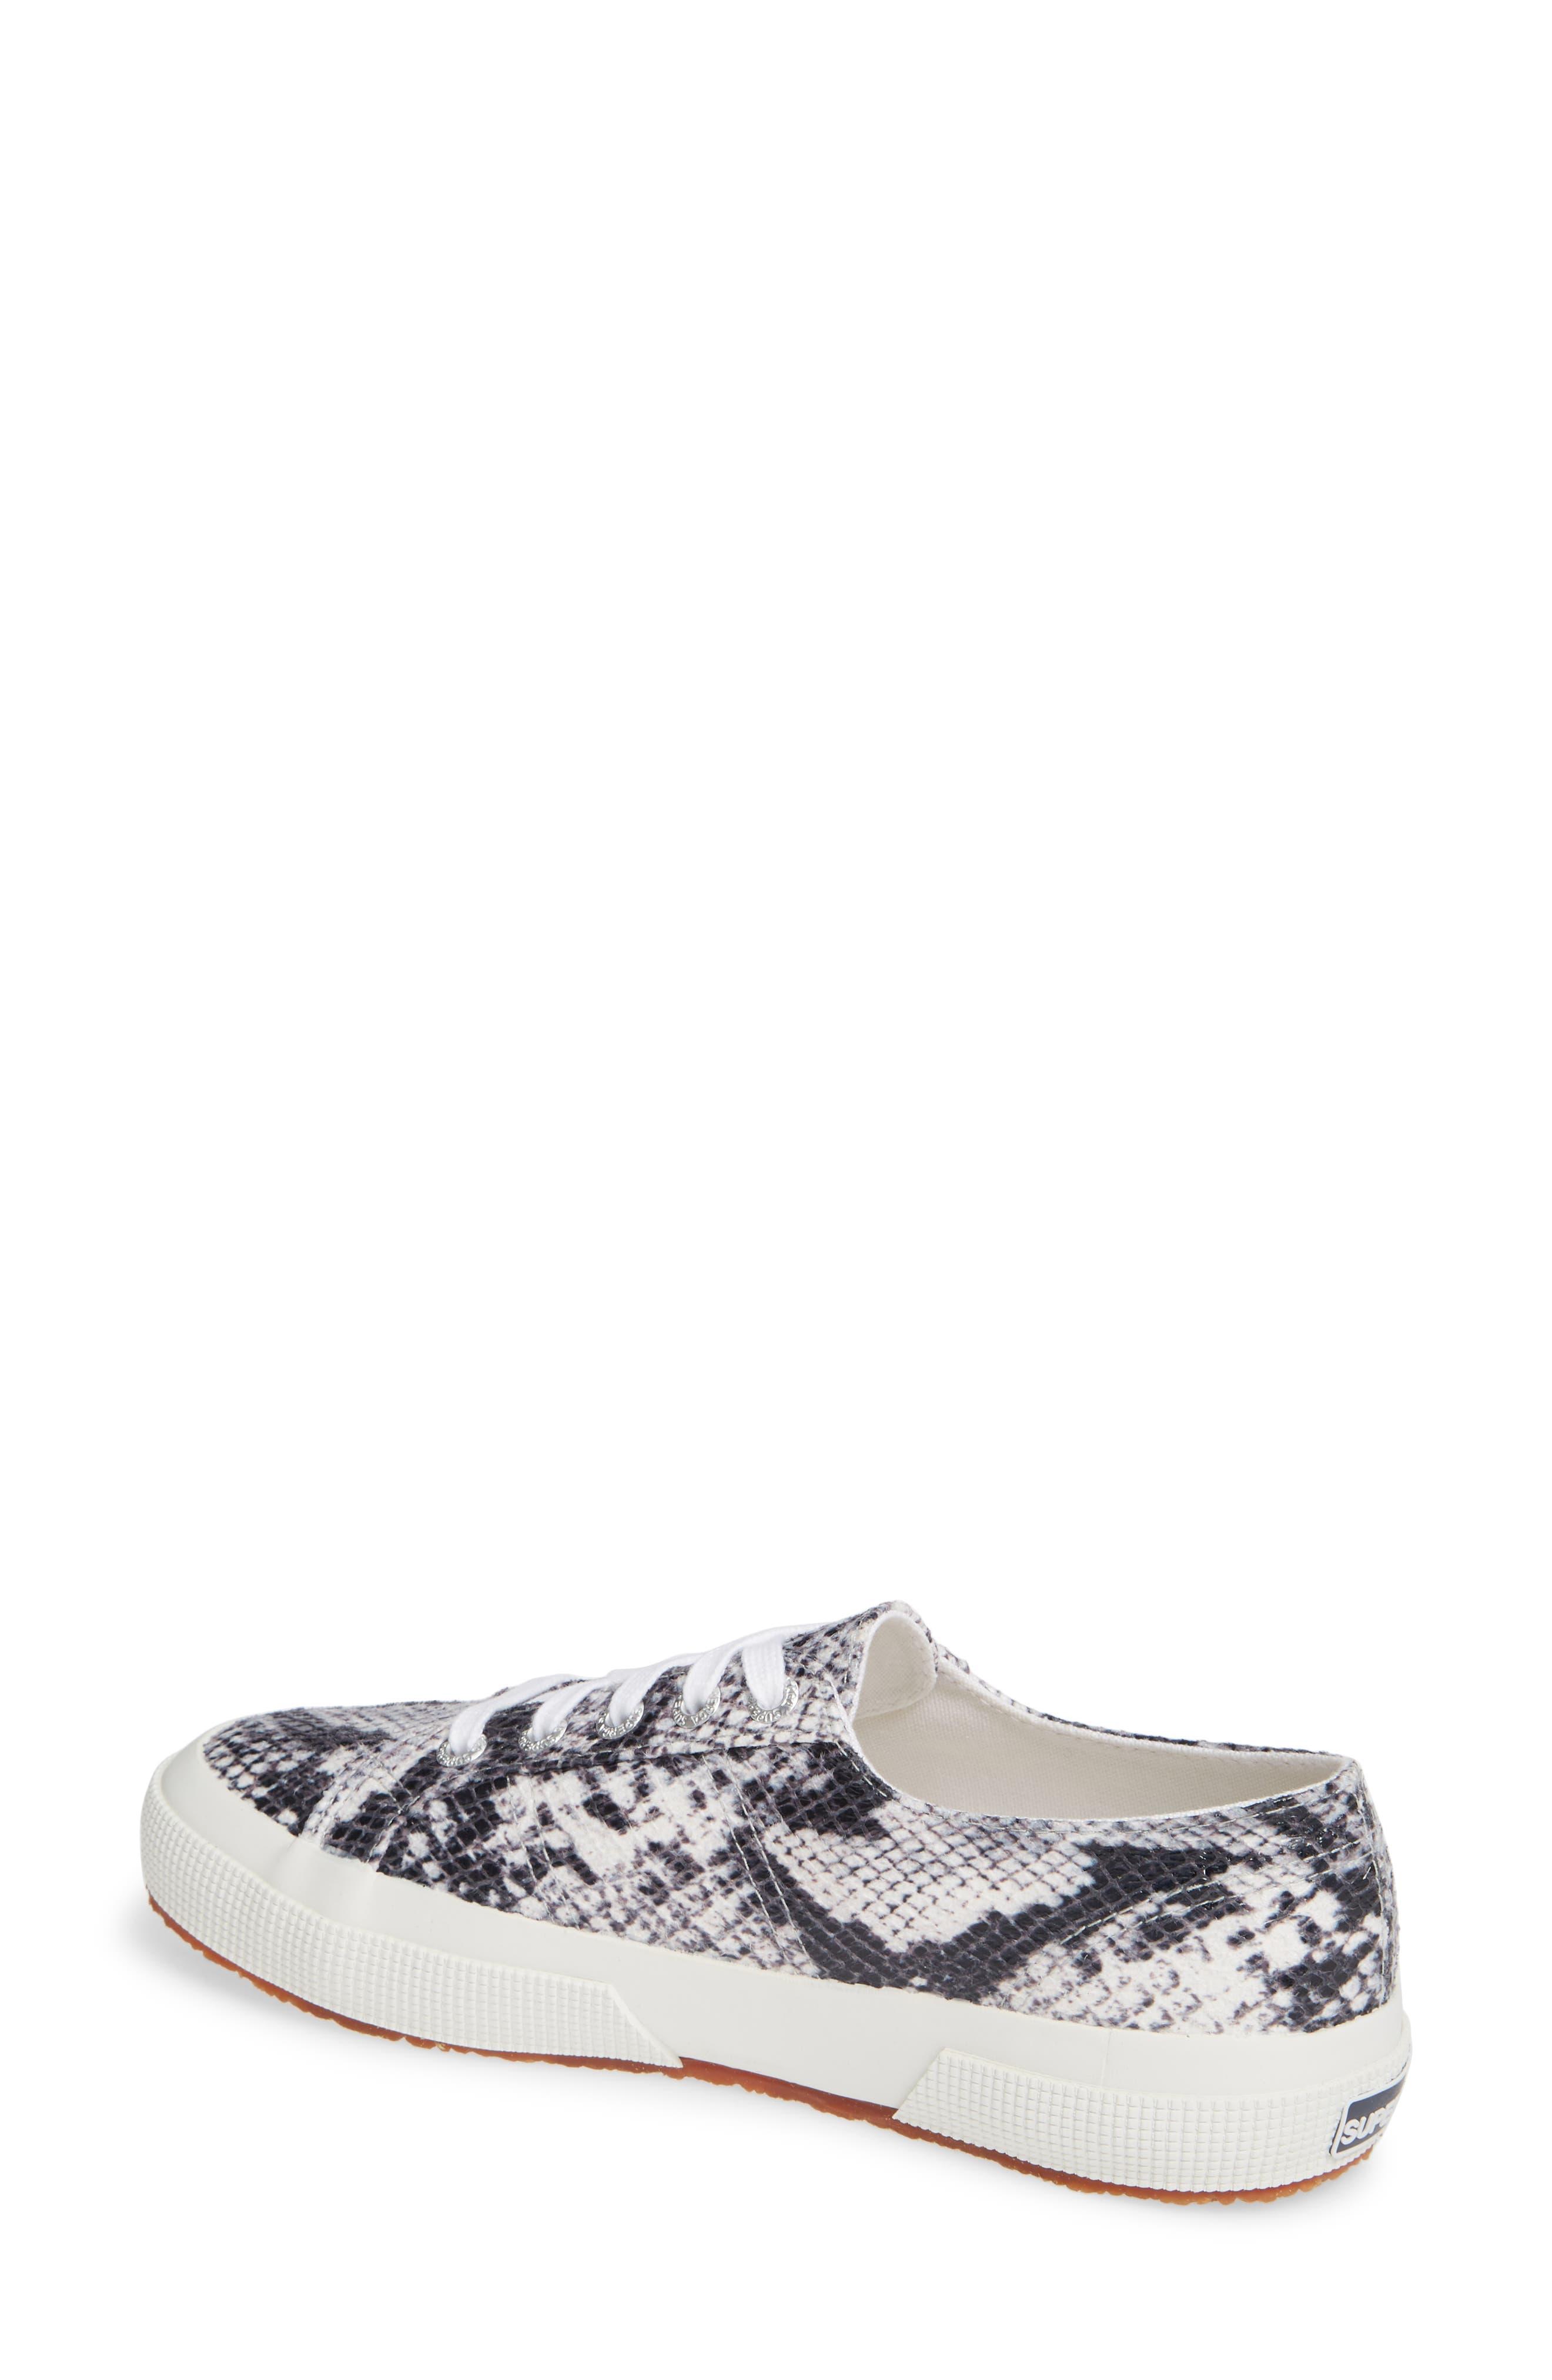 'Cotu' Sneaker,                             Alternate thumbnail 2, color,                             NATURAL SNAKE PRINT